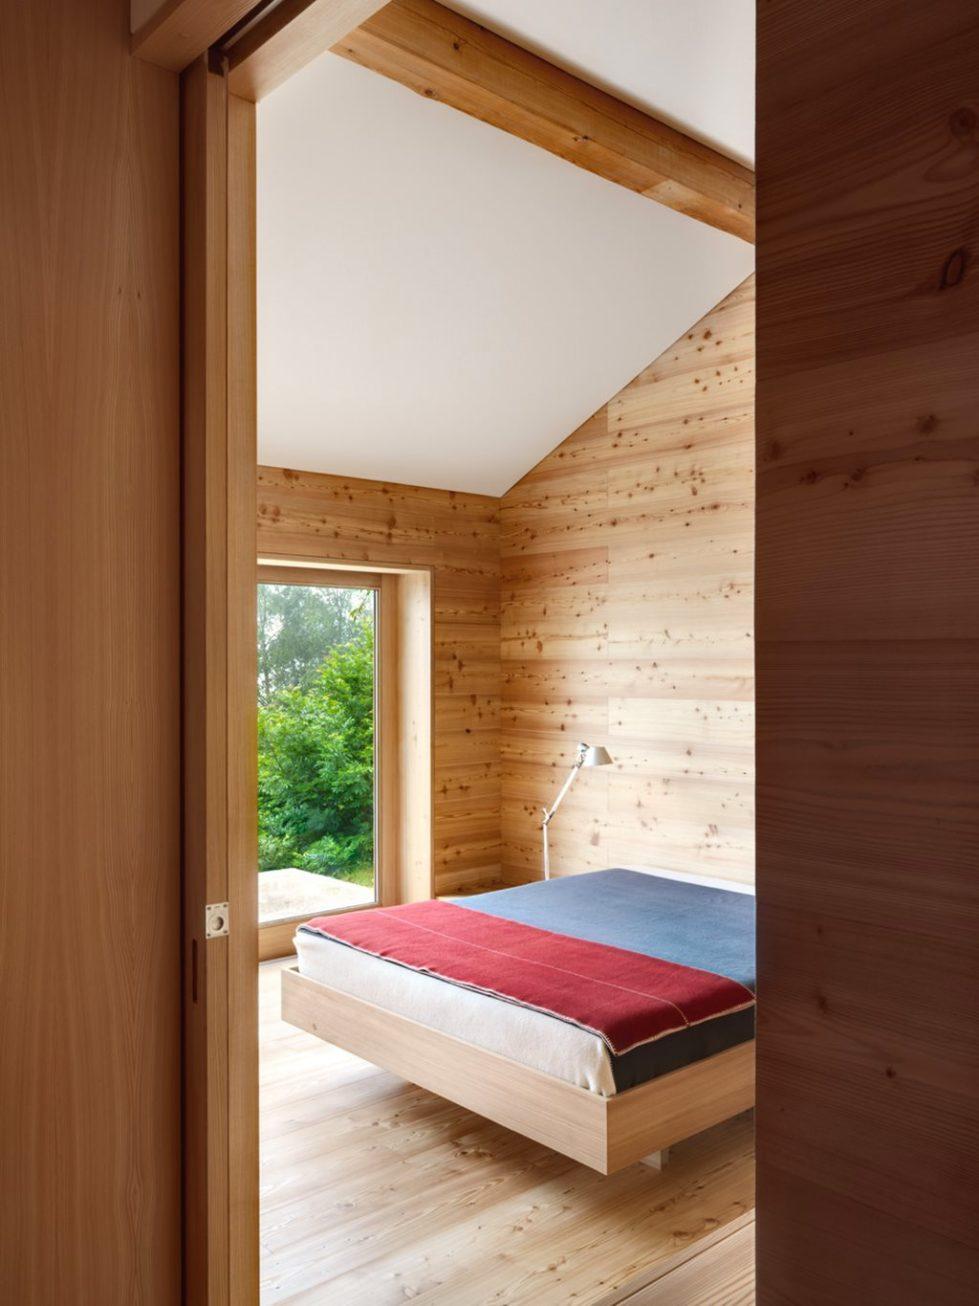 Humble Chalet in Switzerland - Bedroom